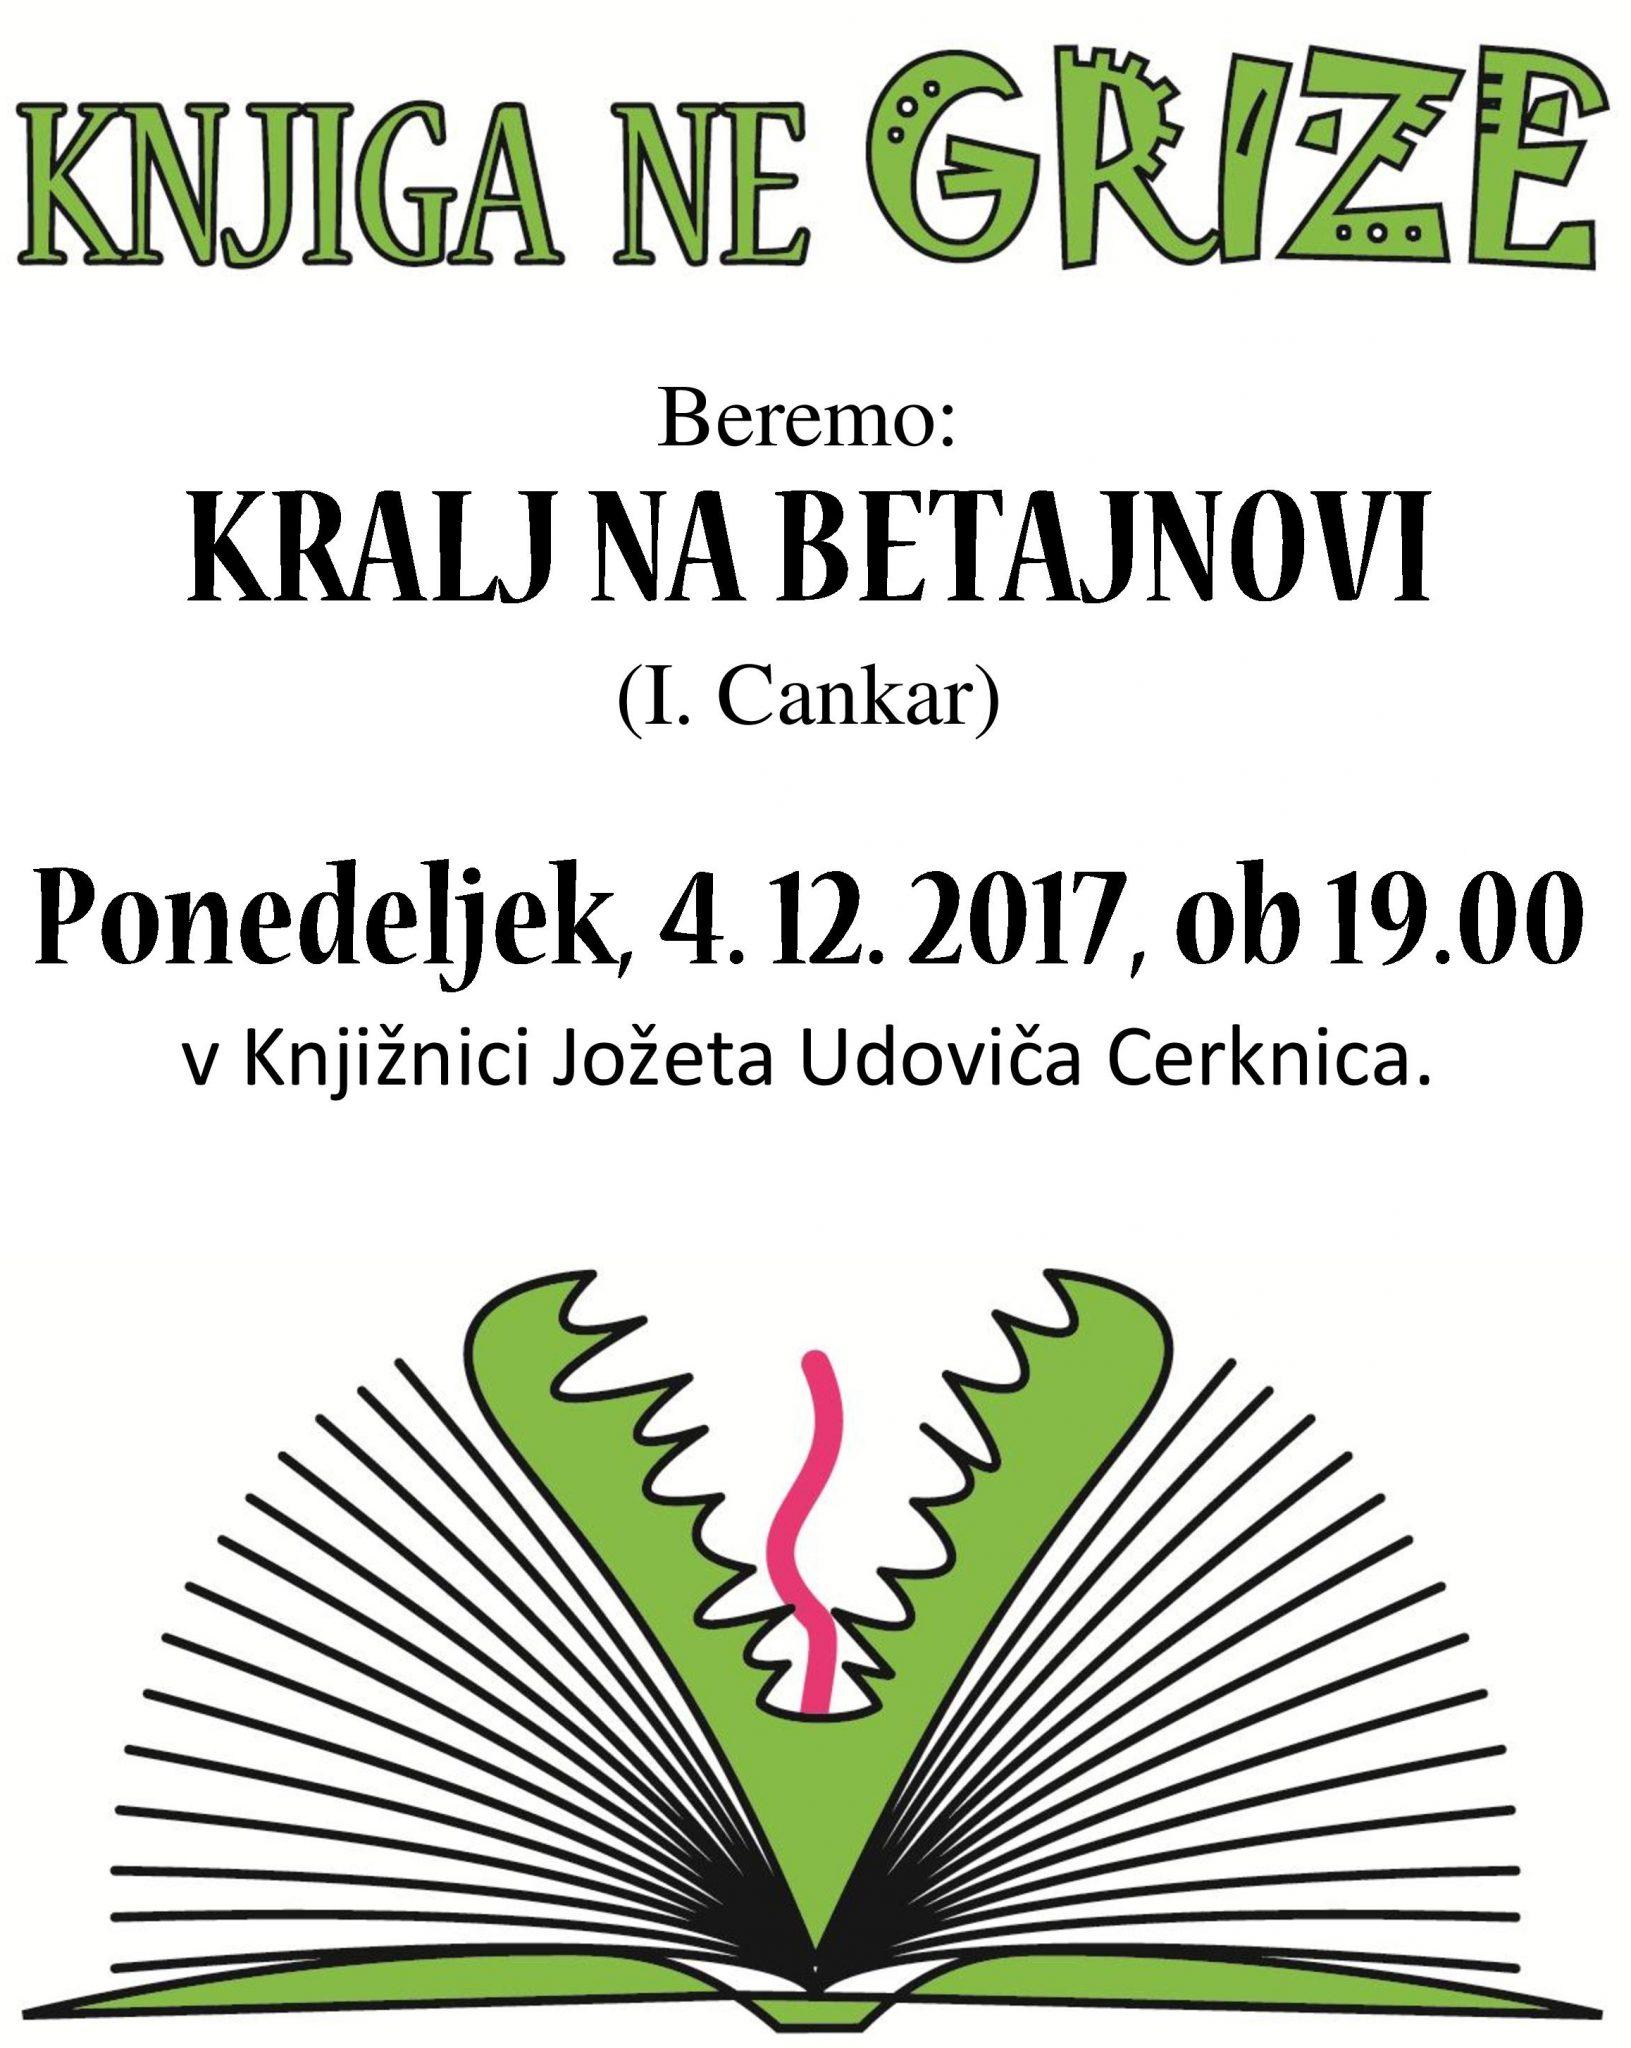 cover - Knjiga ne grize: I. Cankar - Kralj na Betajnovi